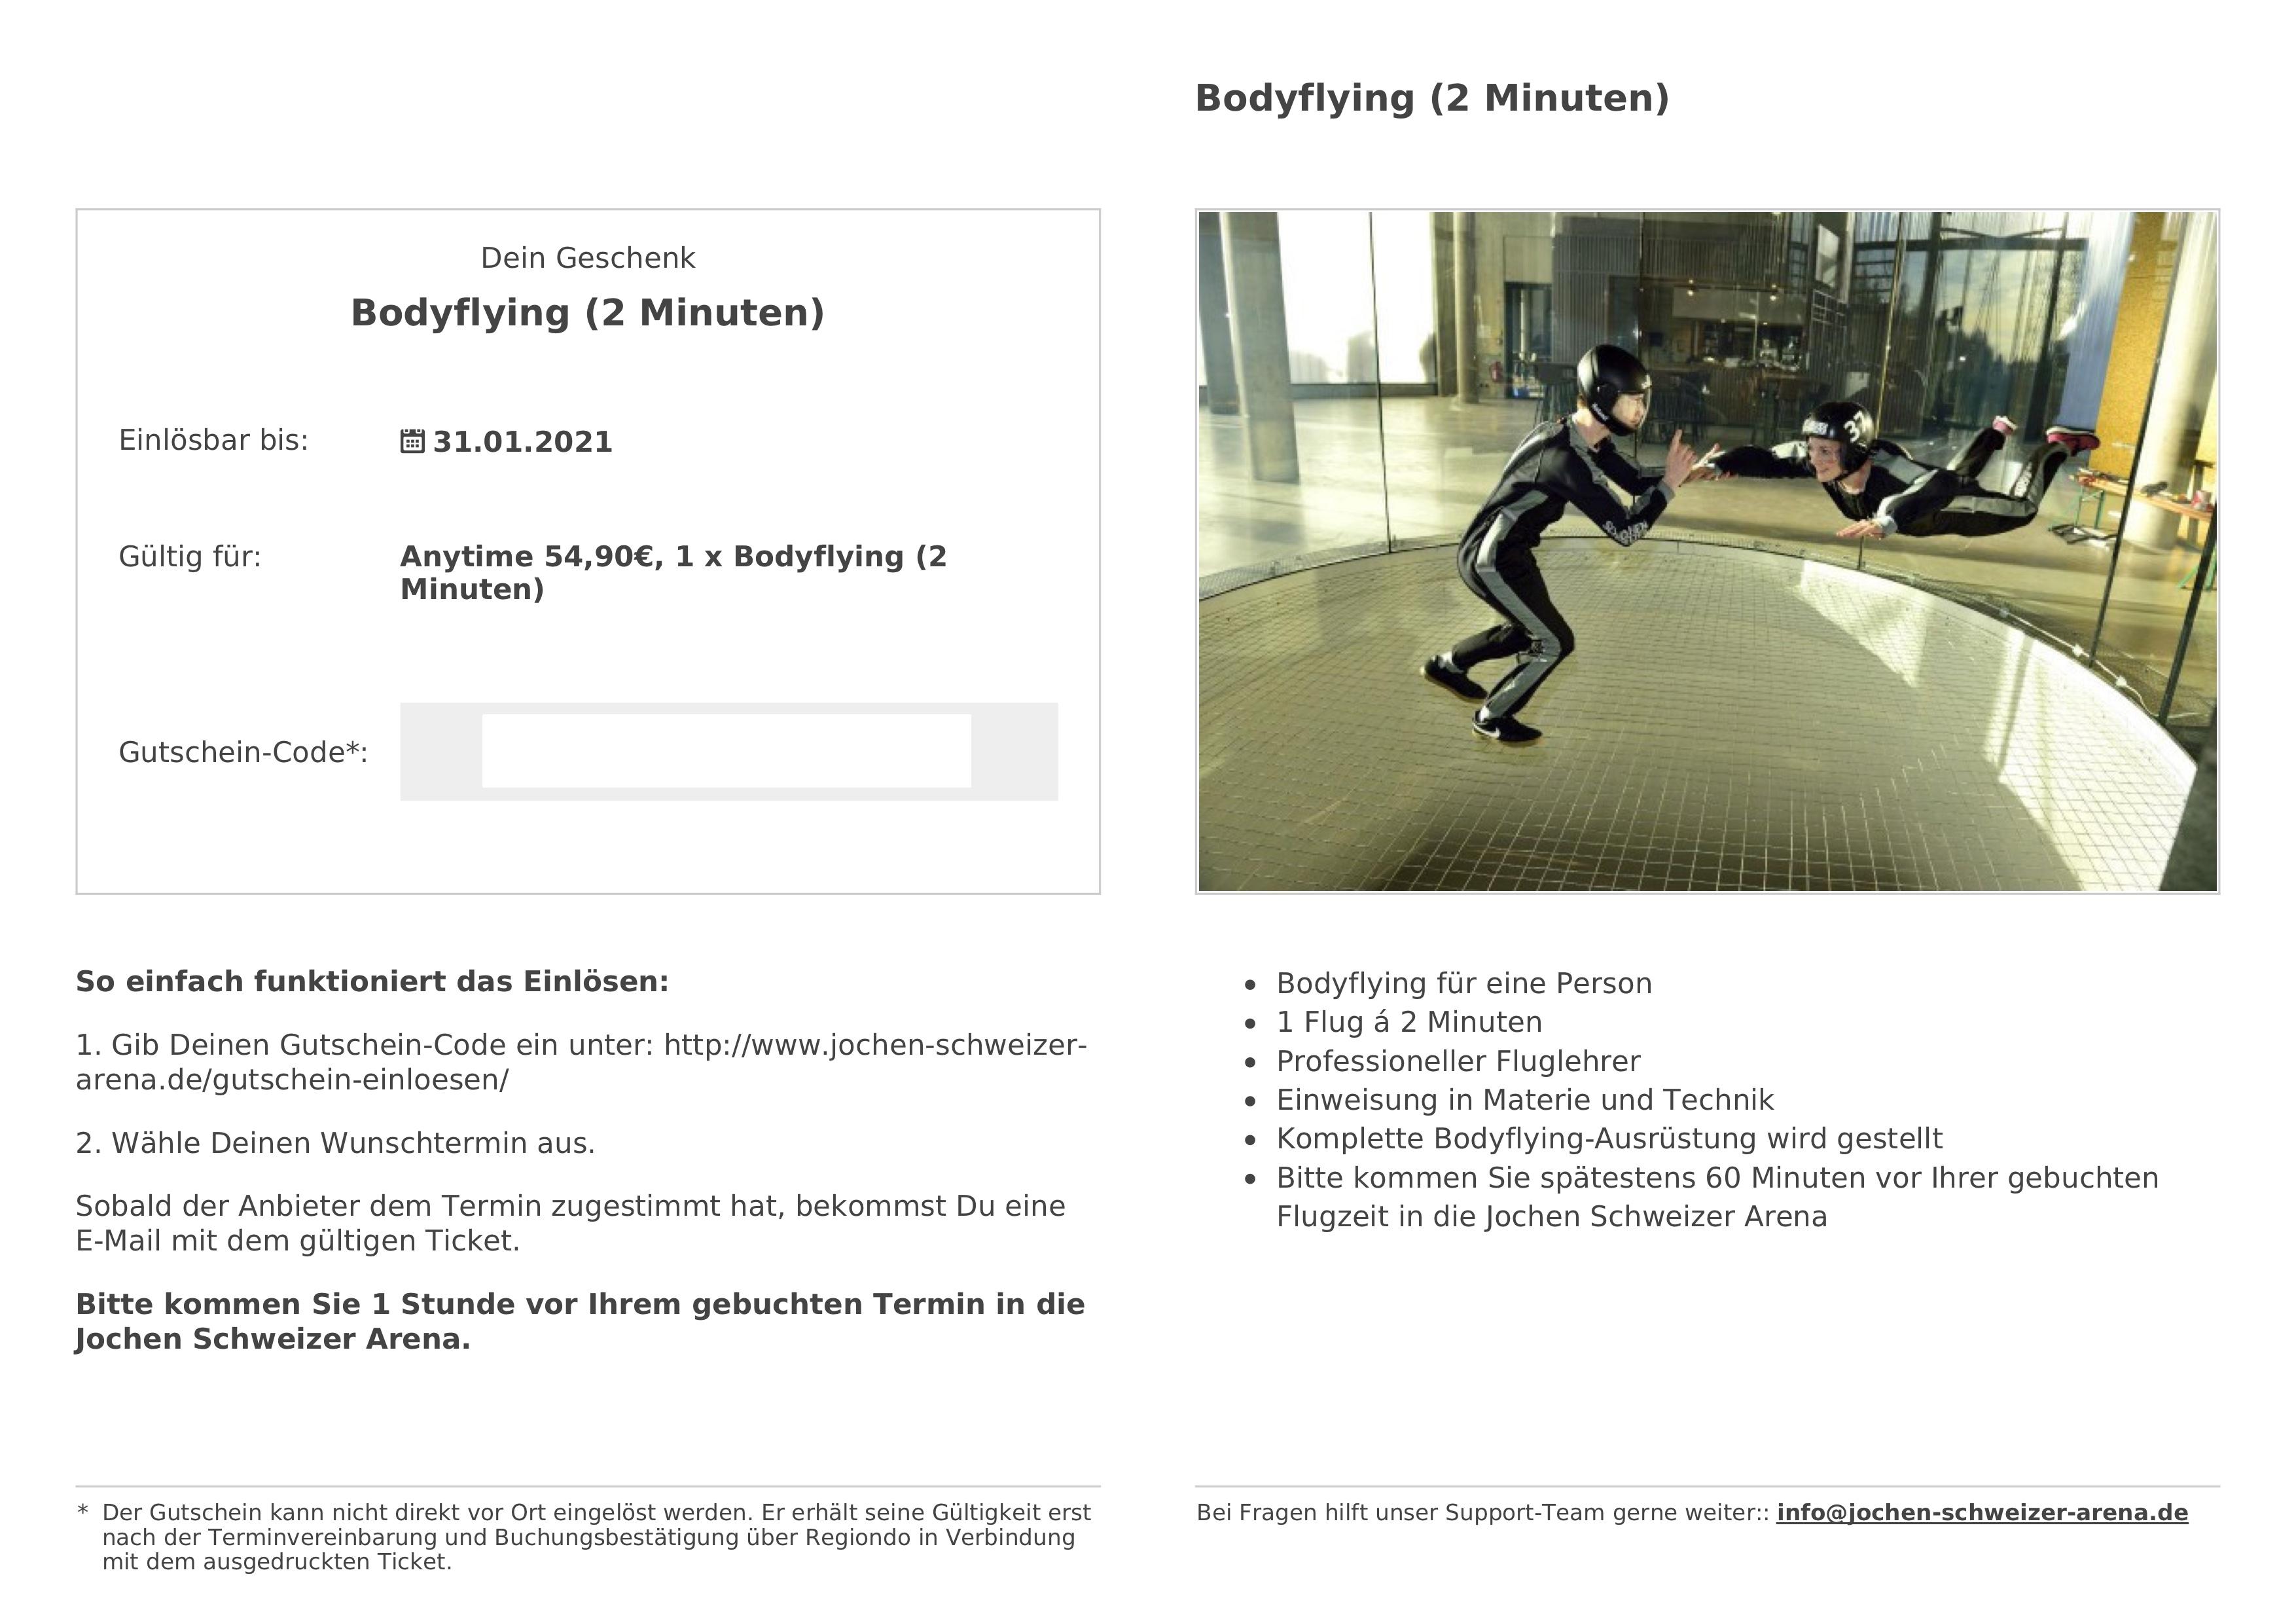 Gift voucher - Regiondo GmbH Knowledge Base